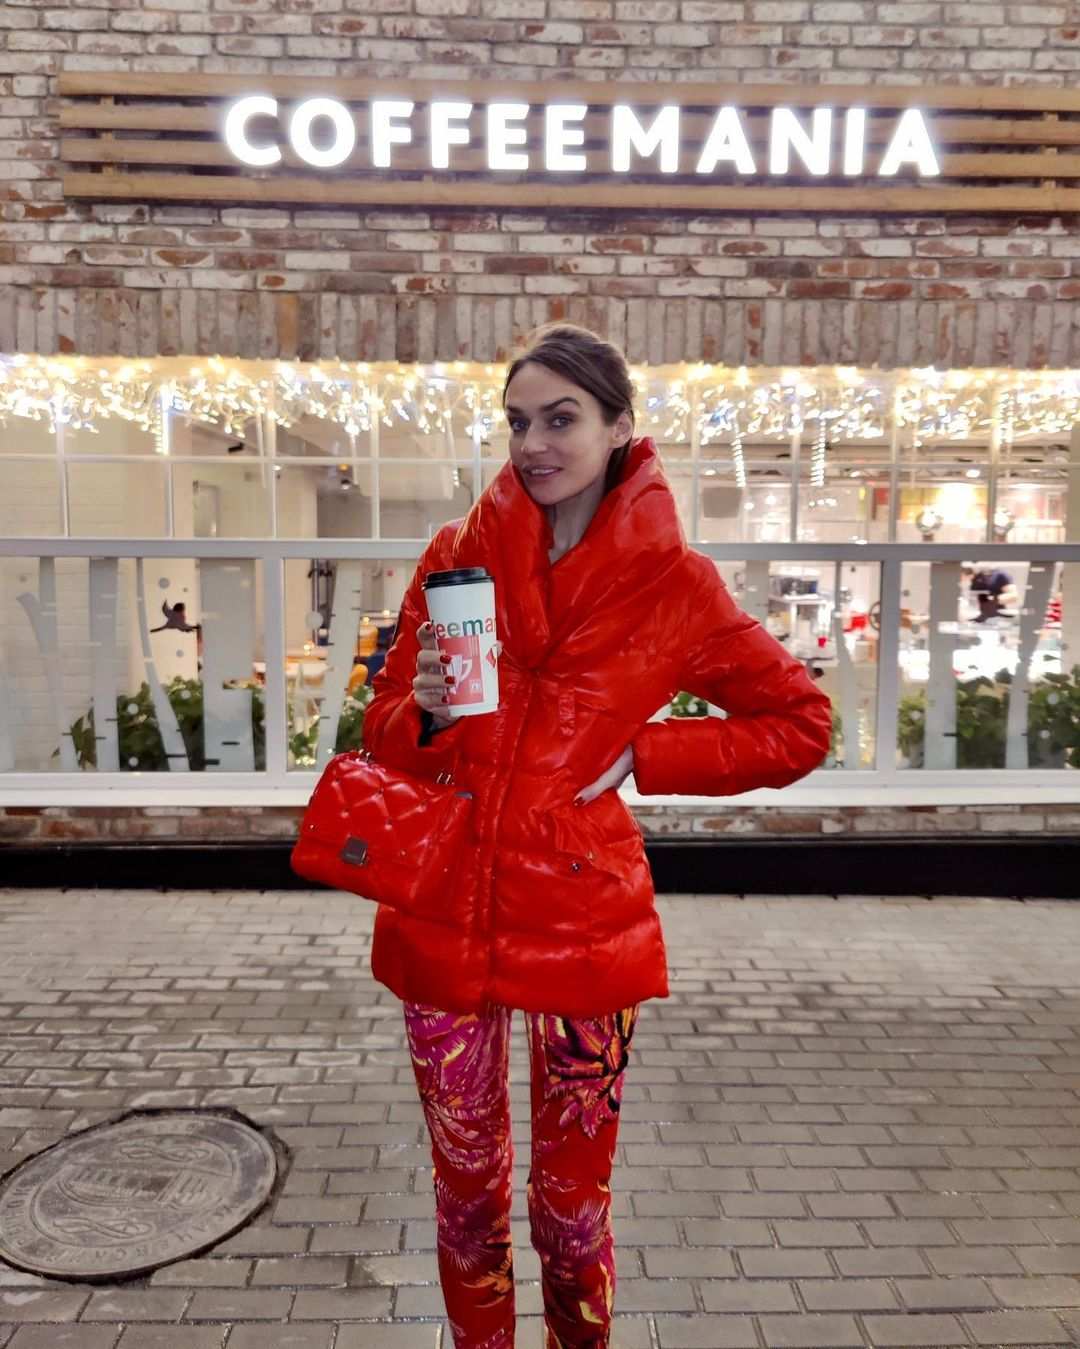 Алена Водонаева пообещала Кондратьеву стать занозой в одном месте, пока не решится вопрос с водоснабжением